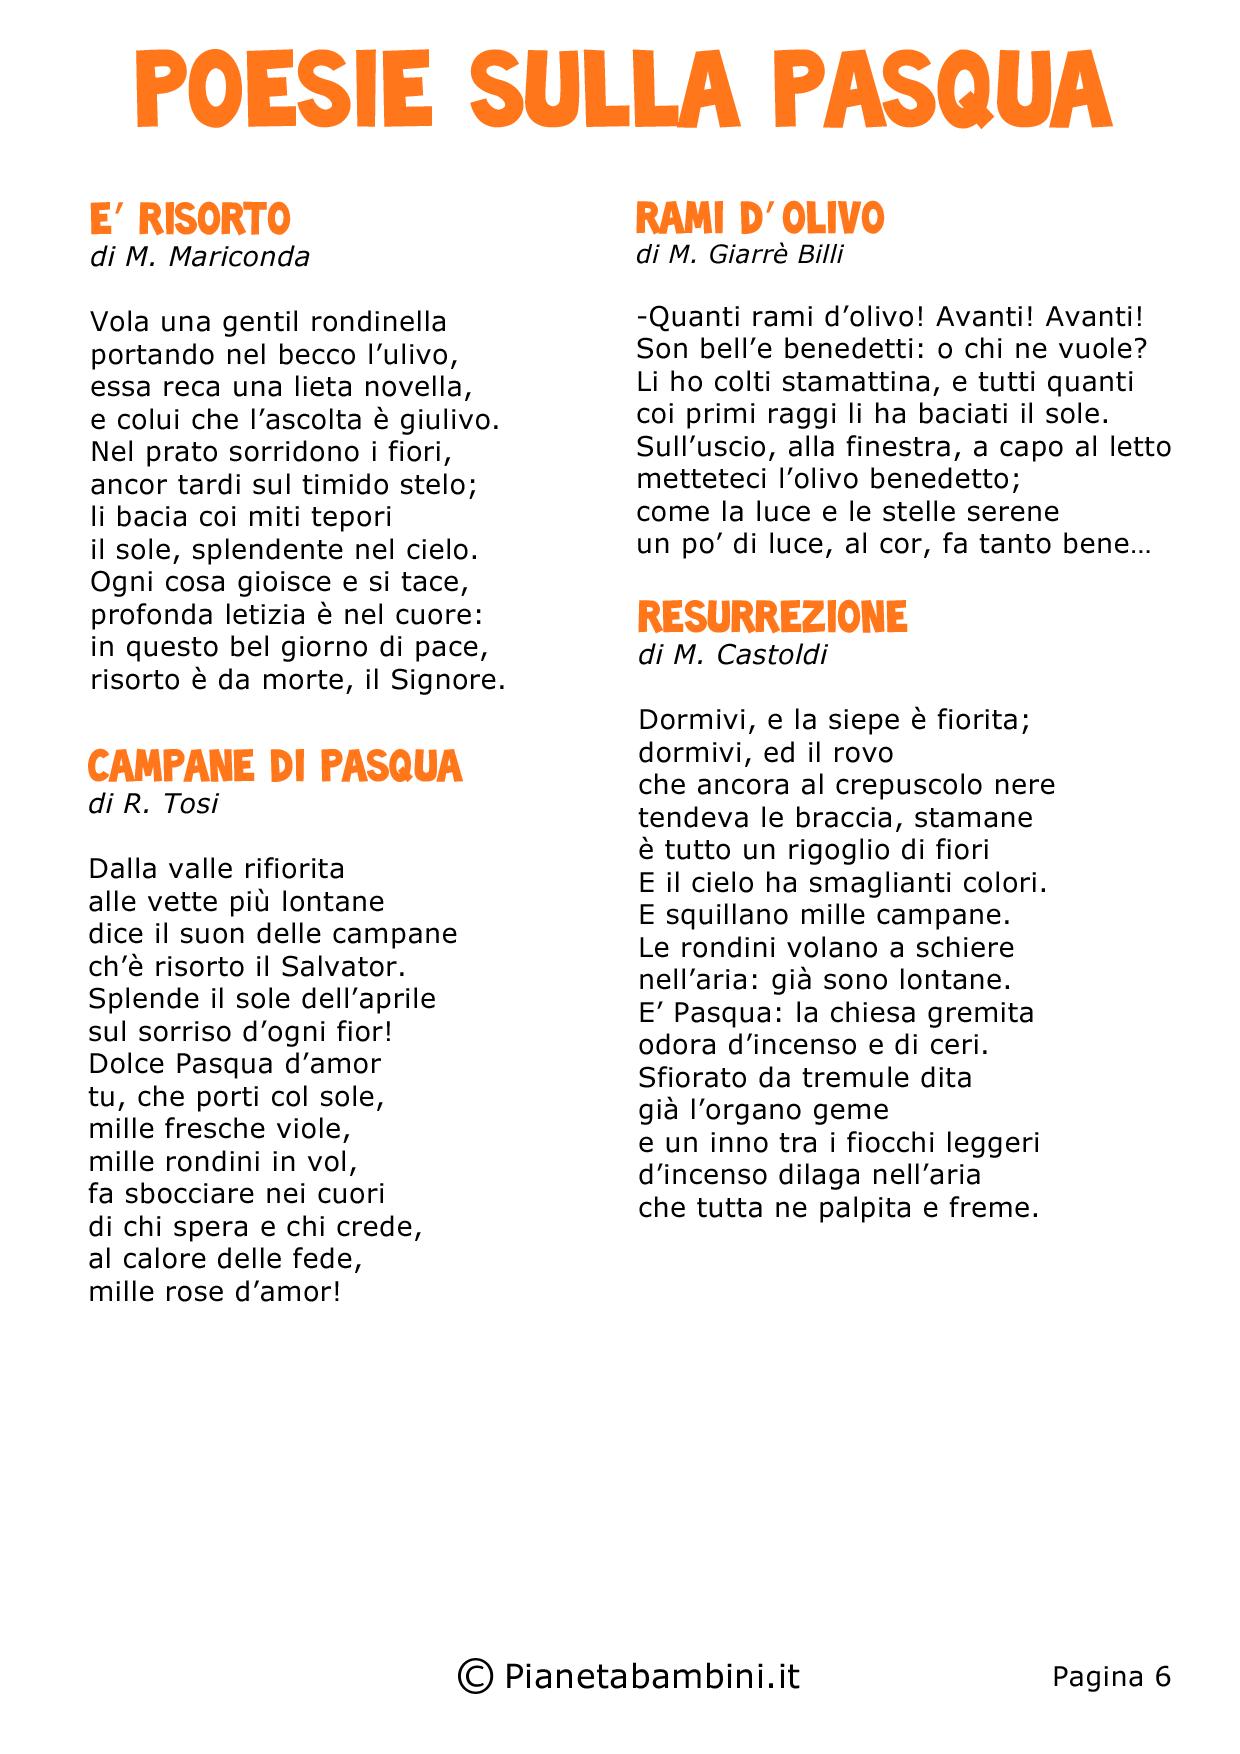 Poesie-Pasqua_06